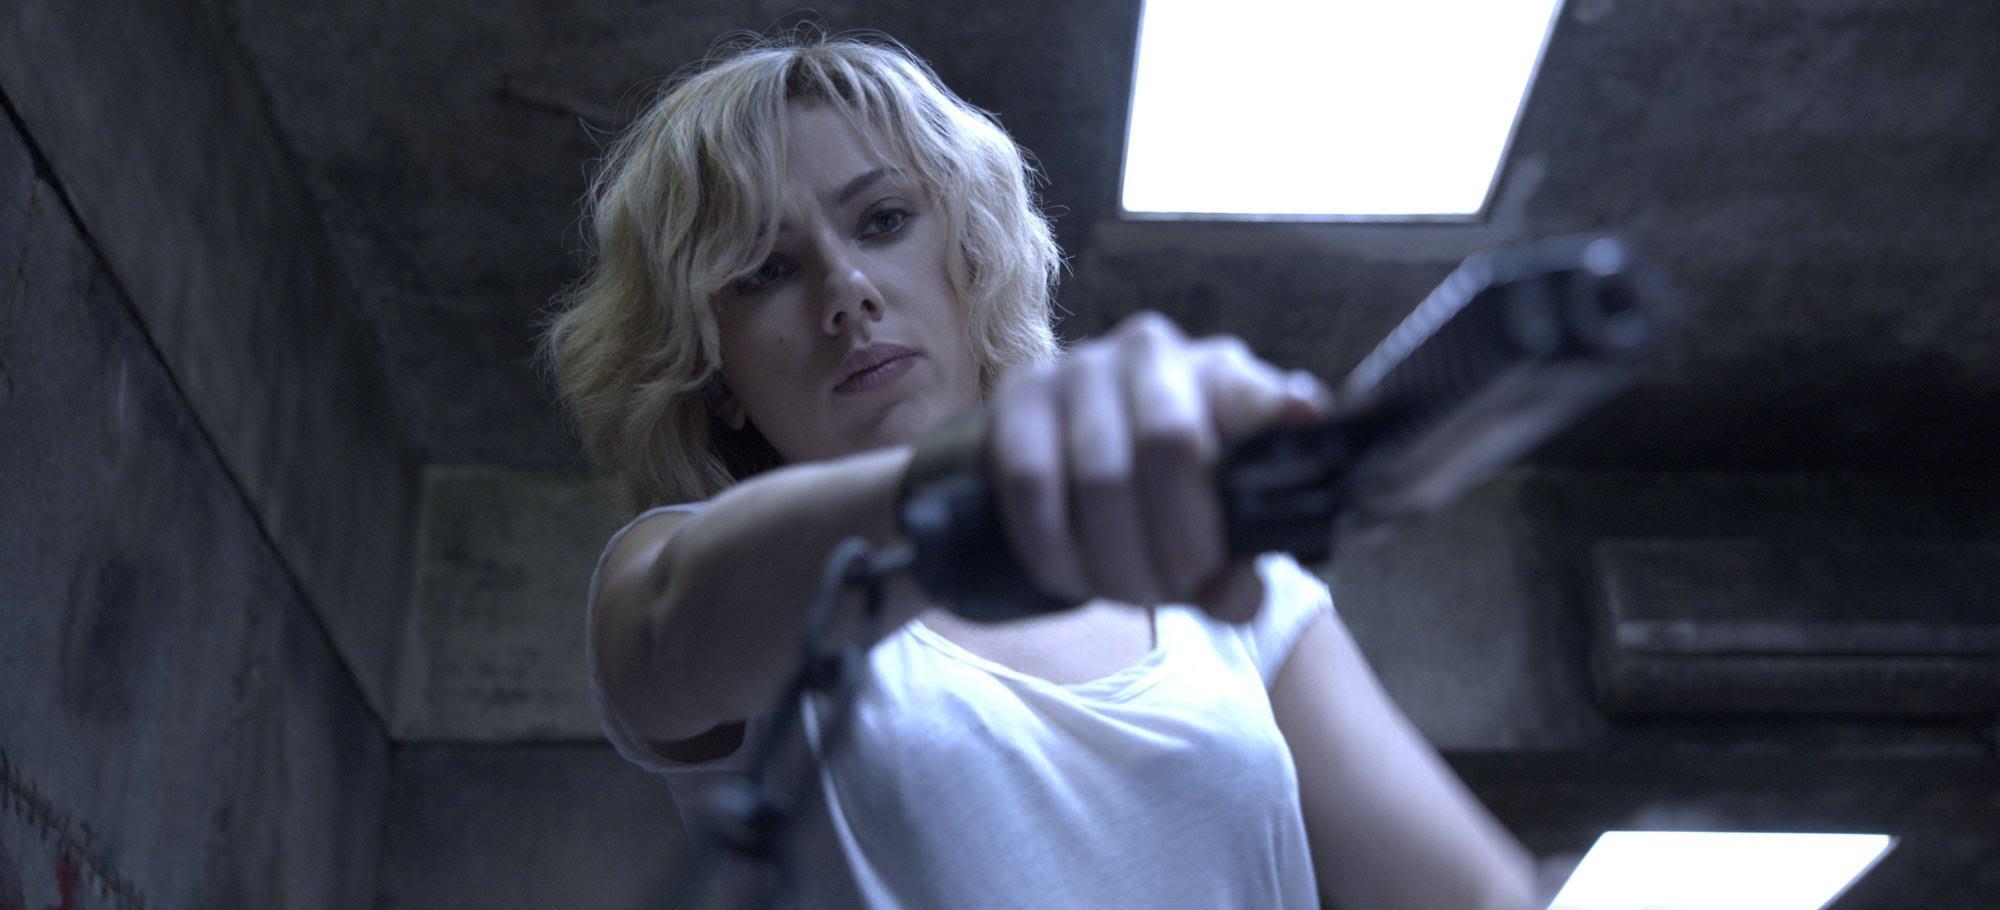 La mia reazione al trailer di Lucy con Scarlett Johansson